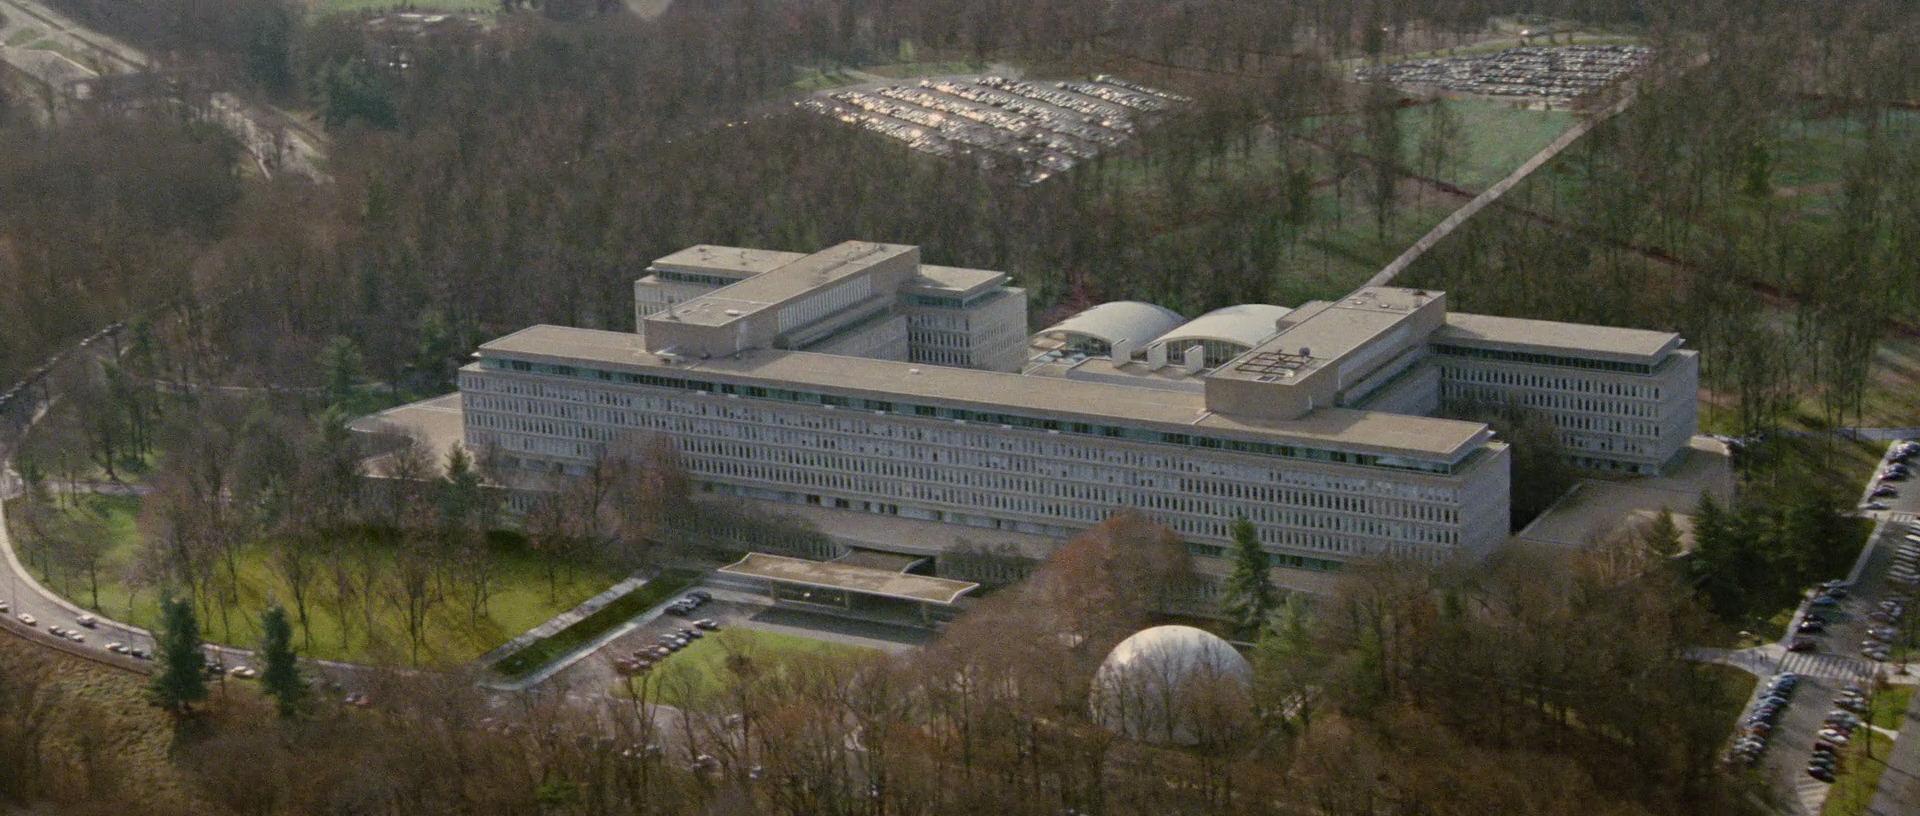 CIA Headquarters   X-Men Movies Wiki   FANDOM powered by Wikia